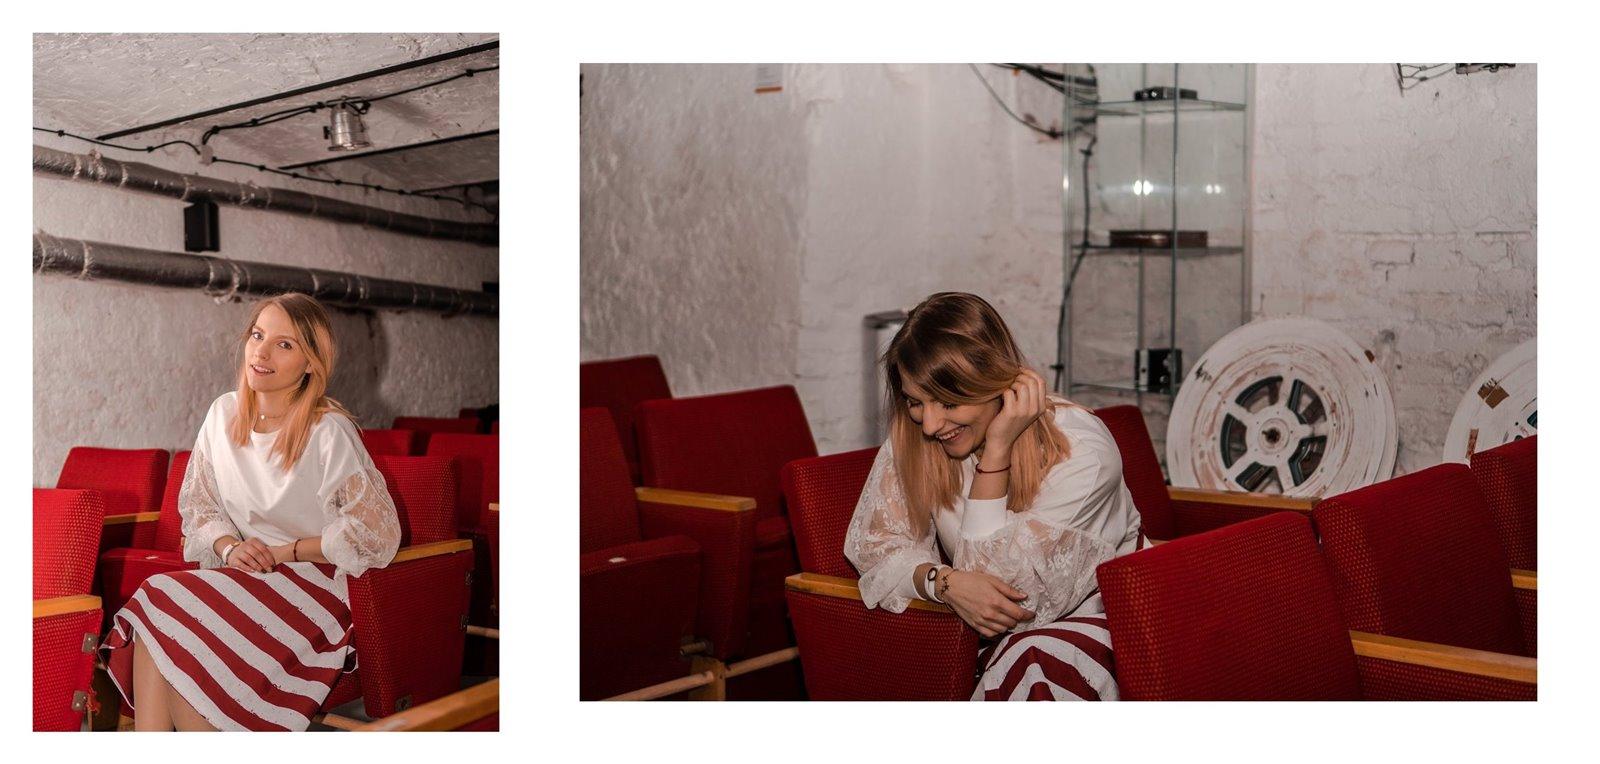 7a Skirt story spódnice szyte na miarę krawiectwo krawcowa online pomysł na prezent dla żony narzeczonej mamy szycie spódnic kraków łódź stylowe hotele stare kino w łodzi opinie recenzje pokoje gdzie się zatrzymać